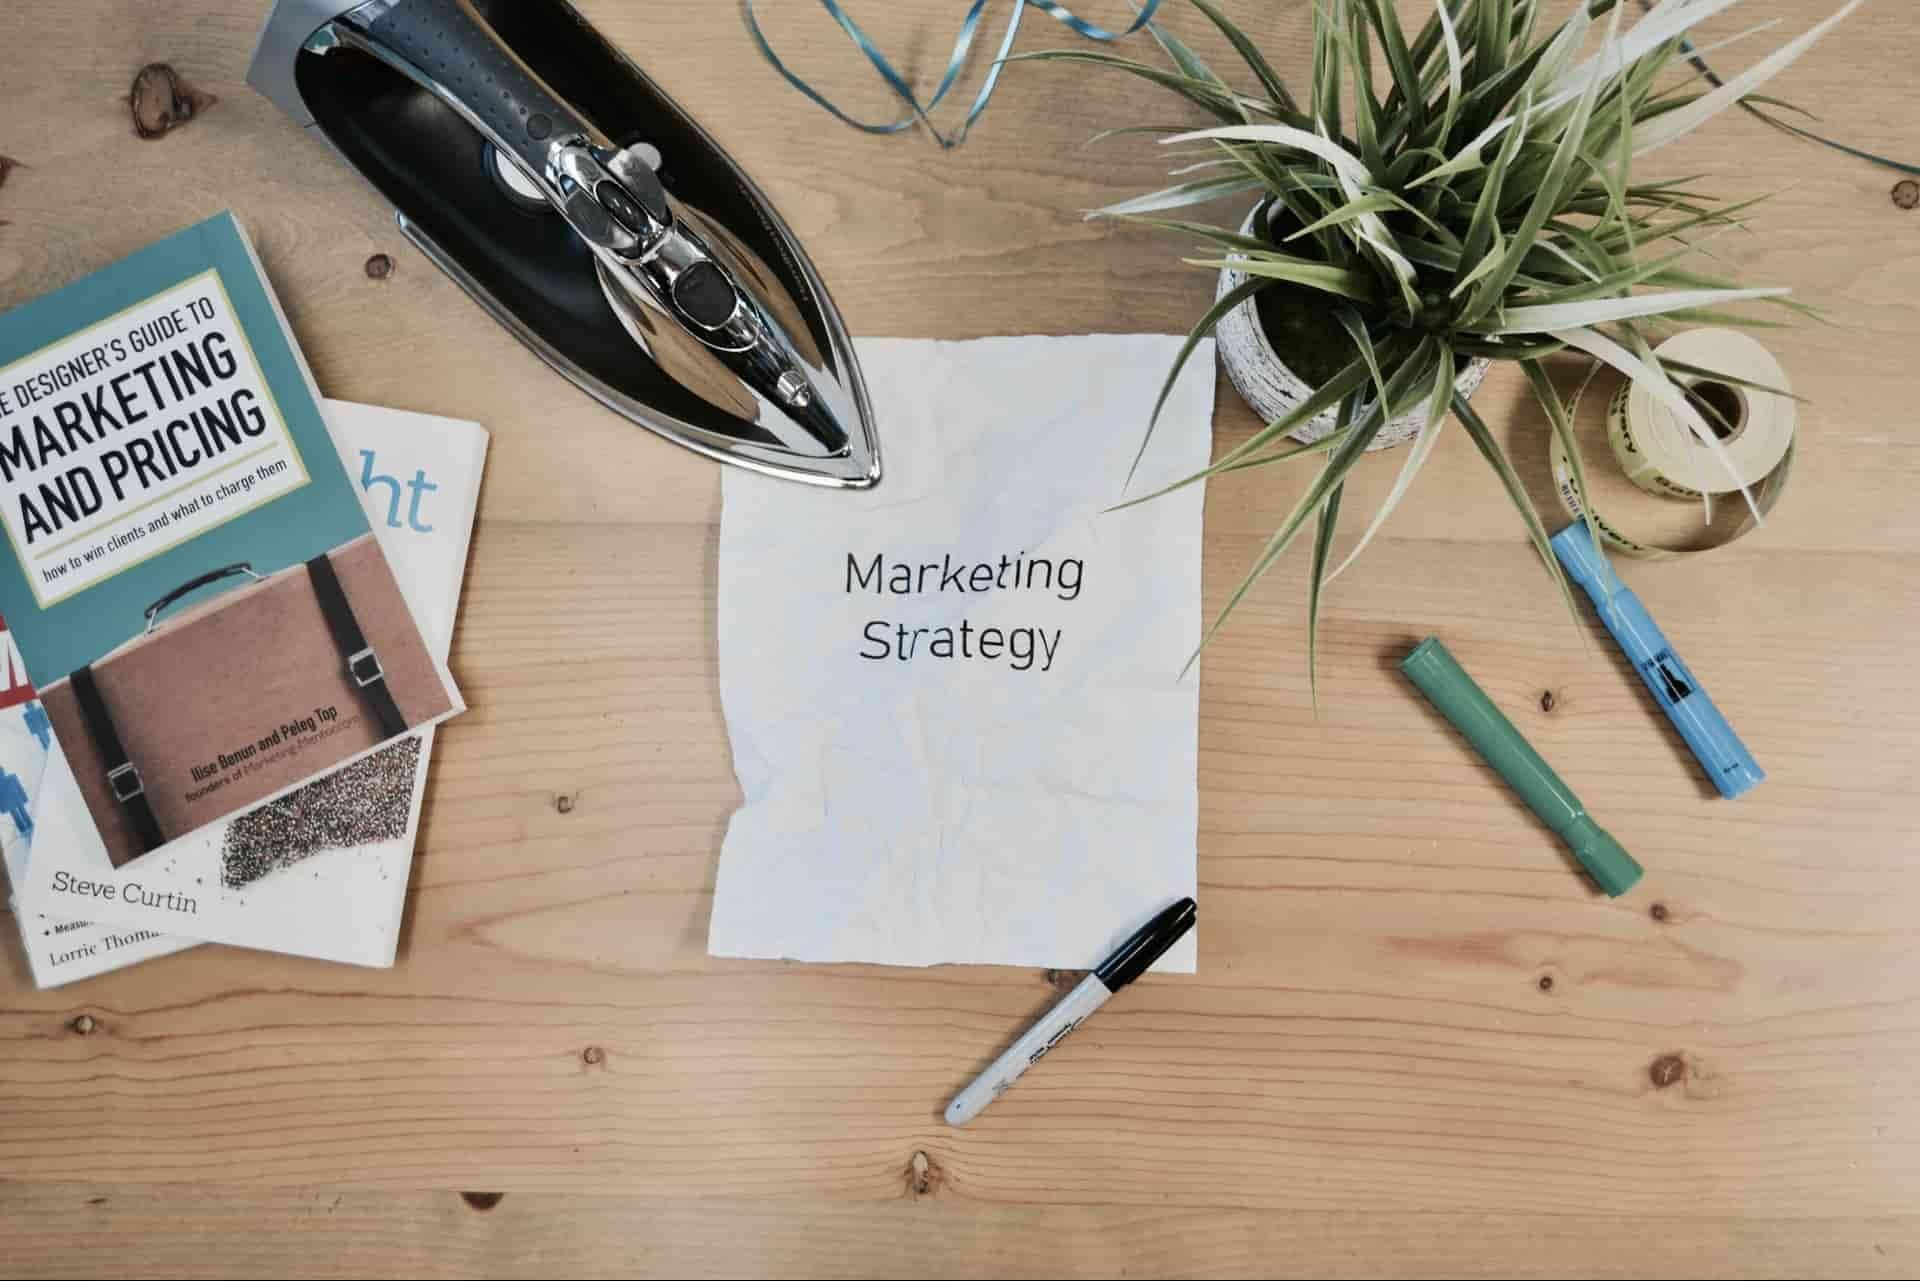 ブックマーケティング とは?メリットから成功事例までを紹介